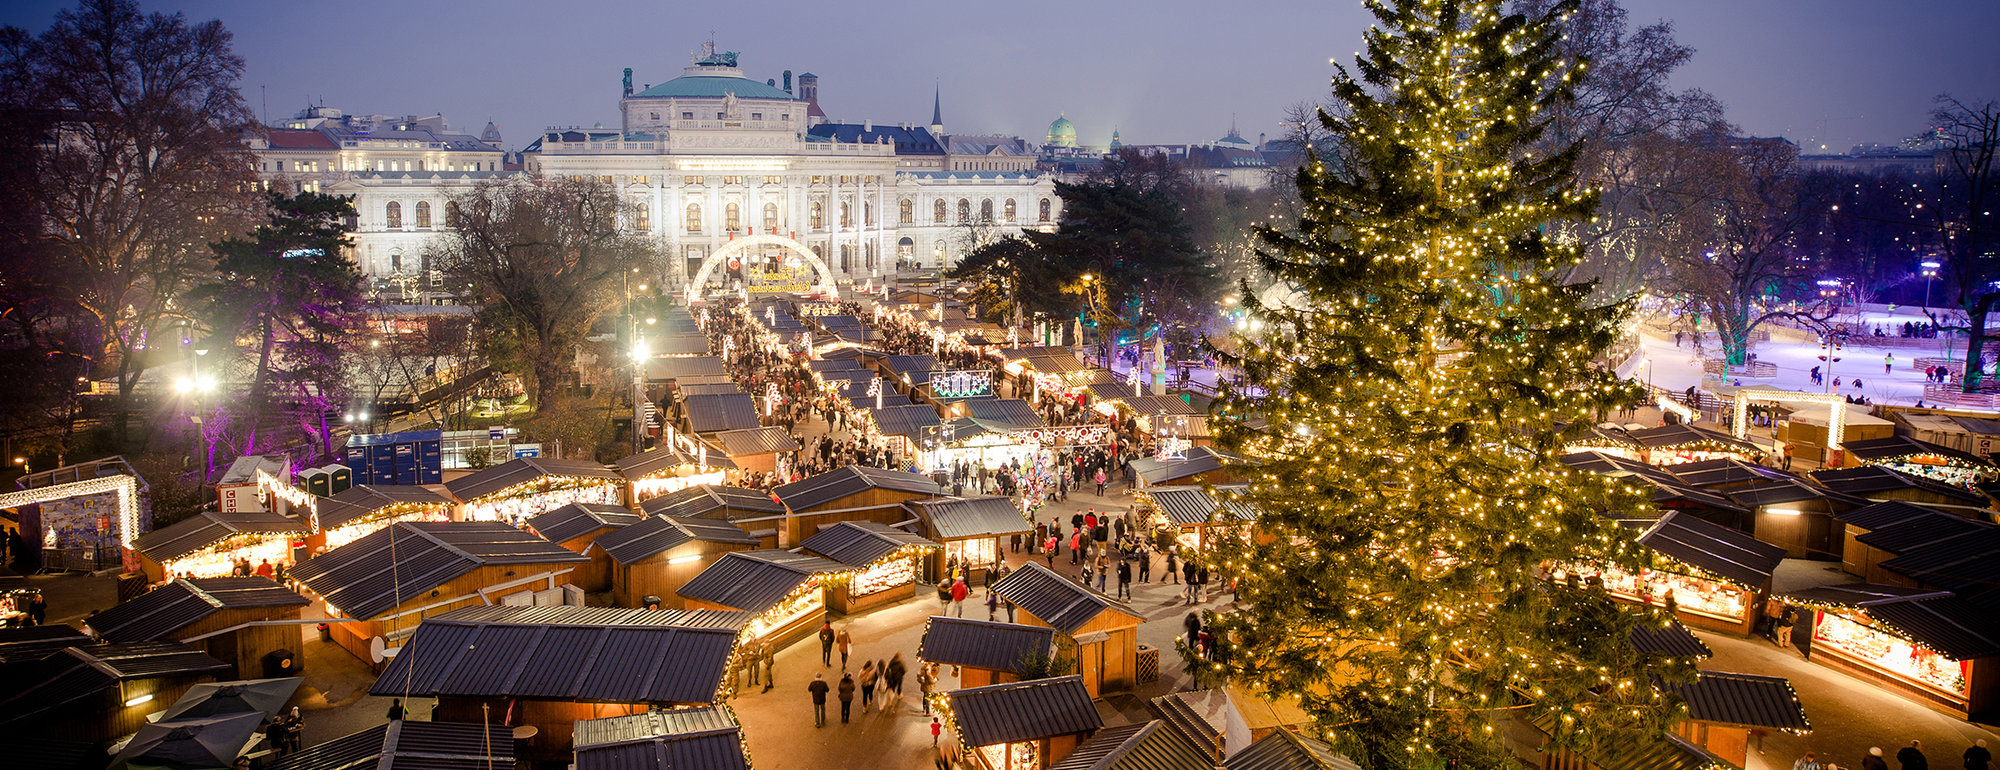 Kerstmarkt in Wenen